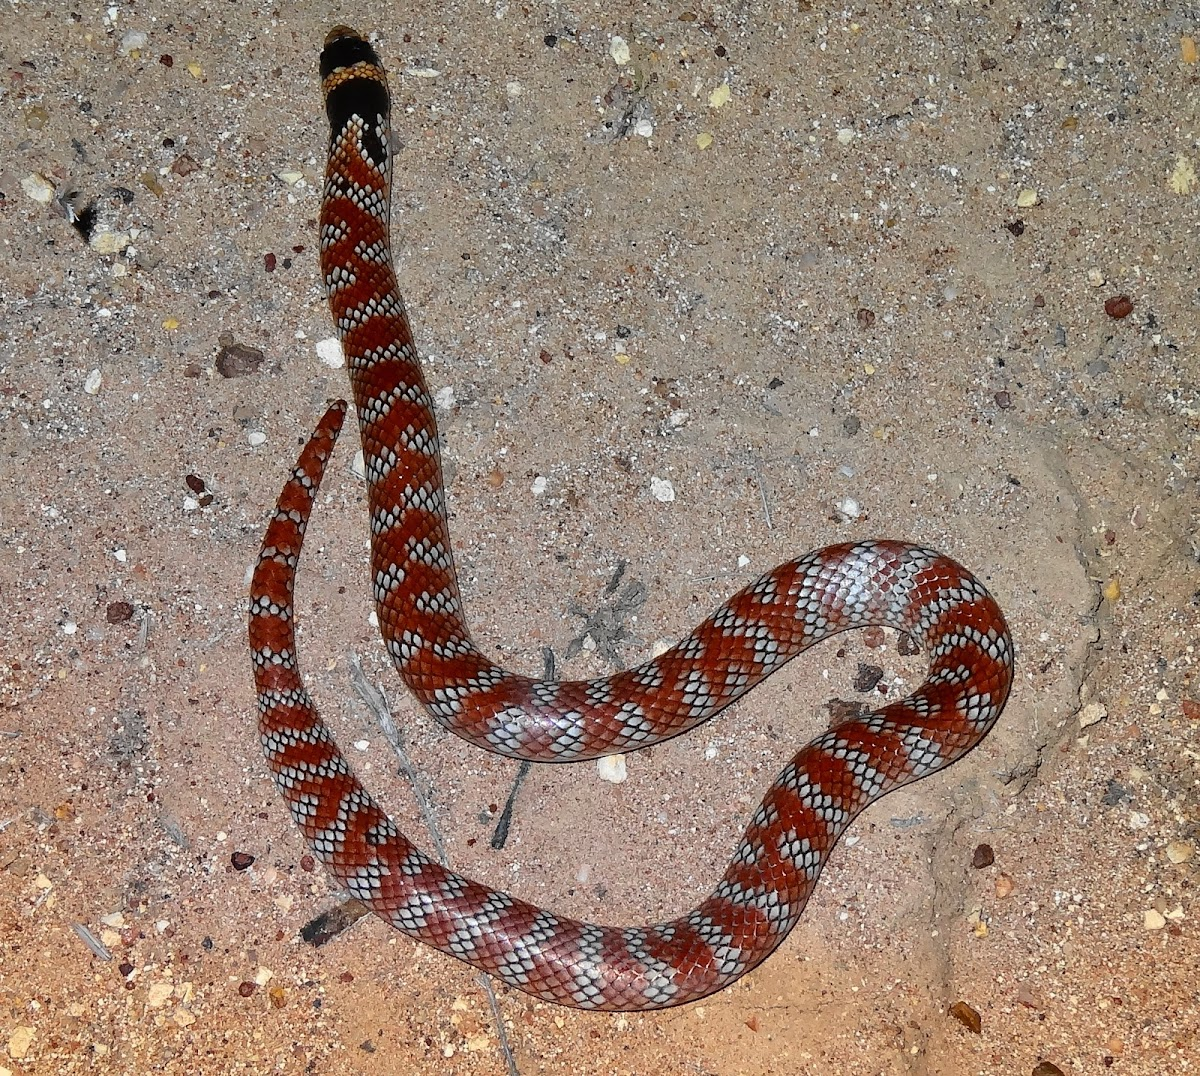 Australian coral snake